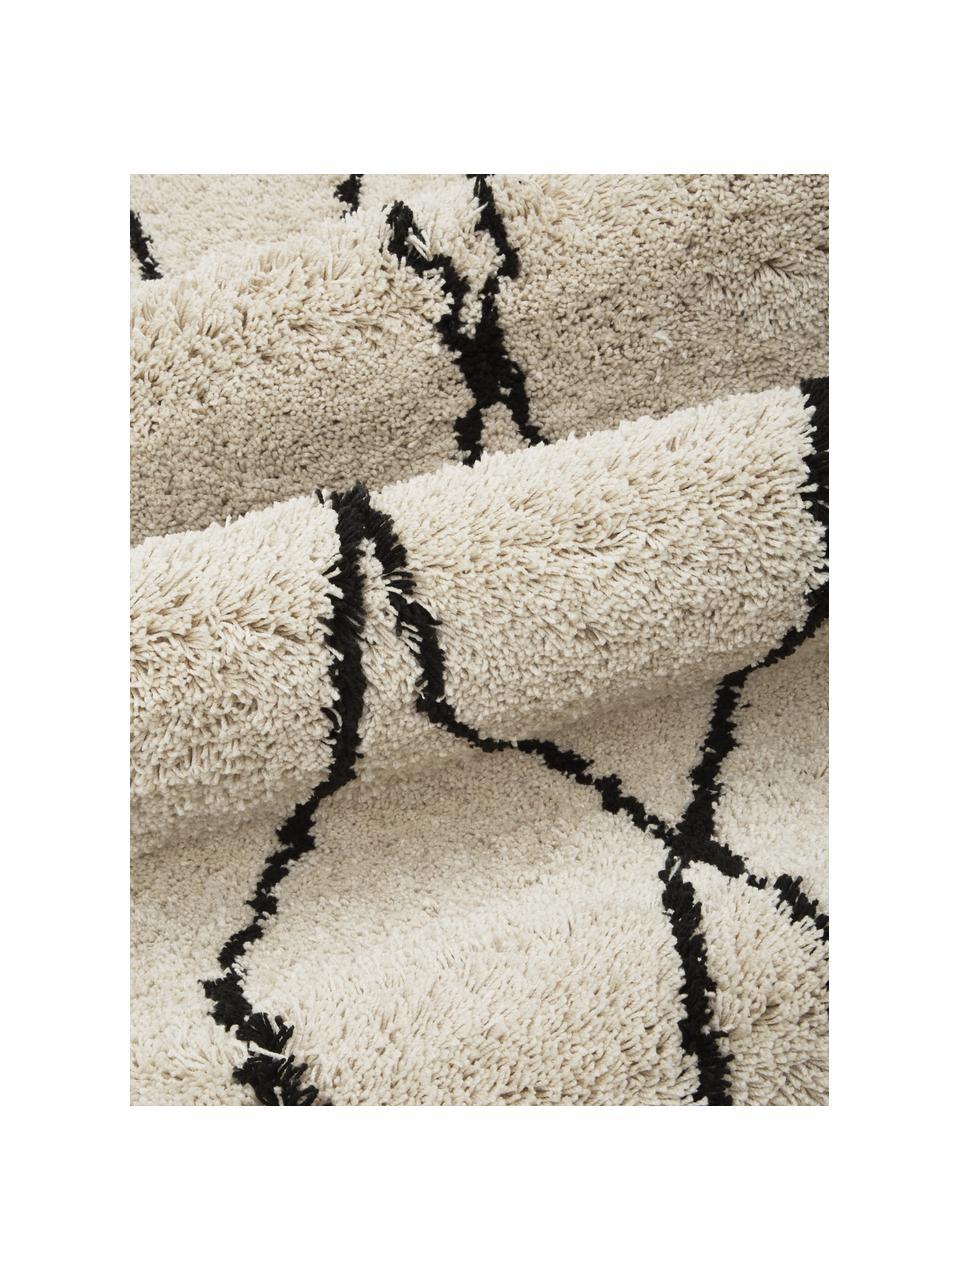 Flauschiger Hochflor-Teppich Naima mit Fransen, handgetuftet, Flor: 100% Polyester, Beige, Schwarz, B 200 x L 300 cm (Größe L)